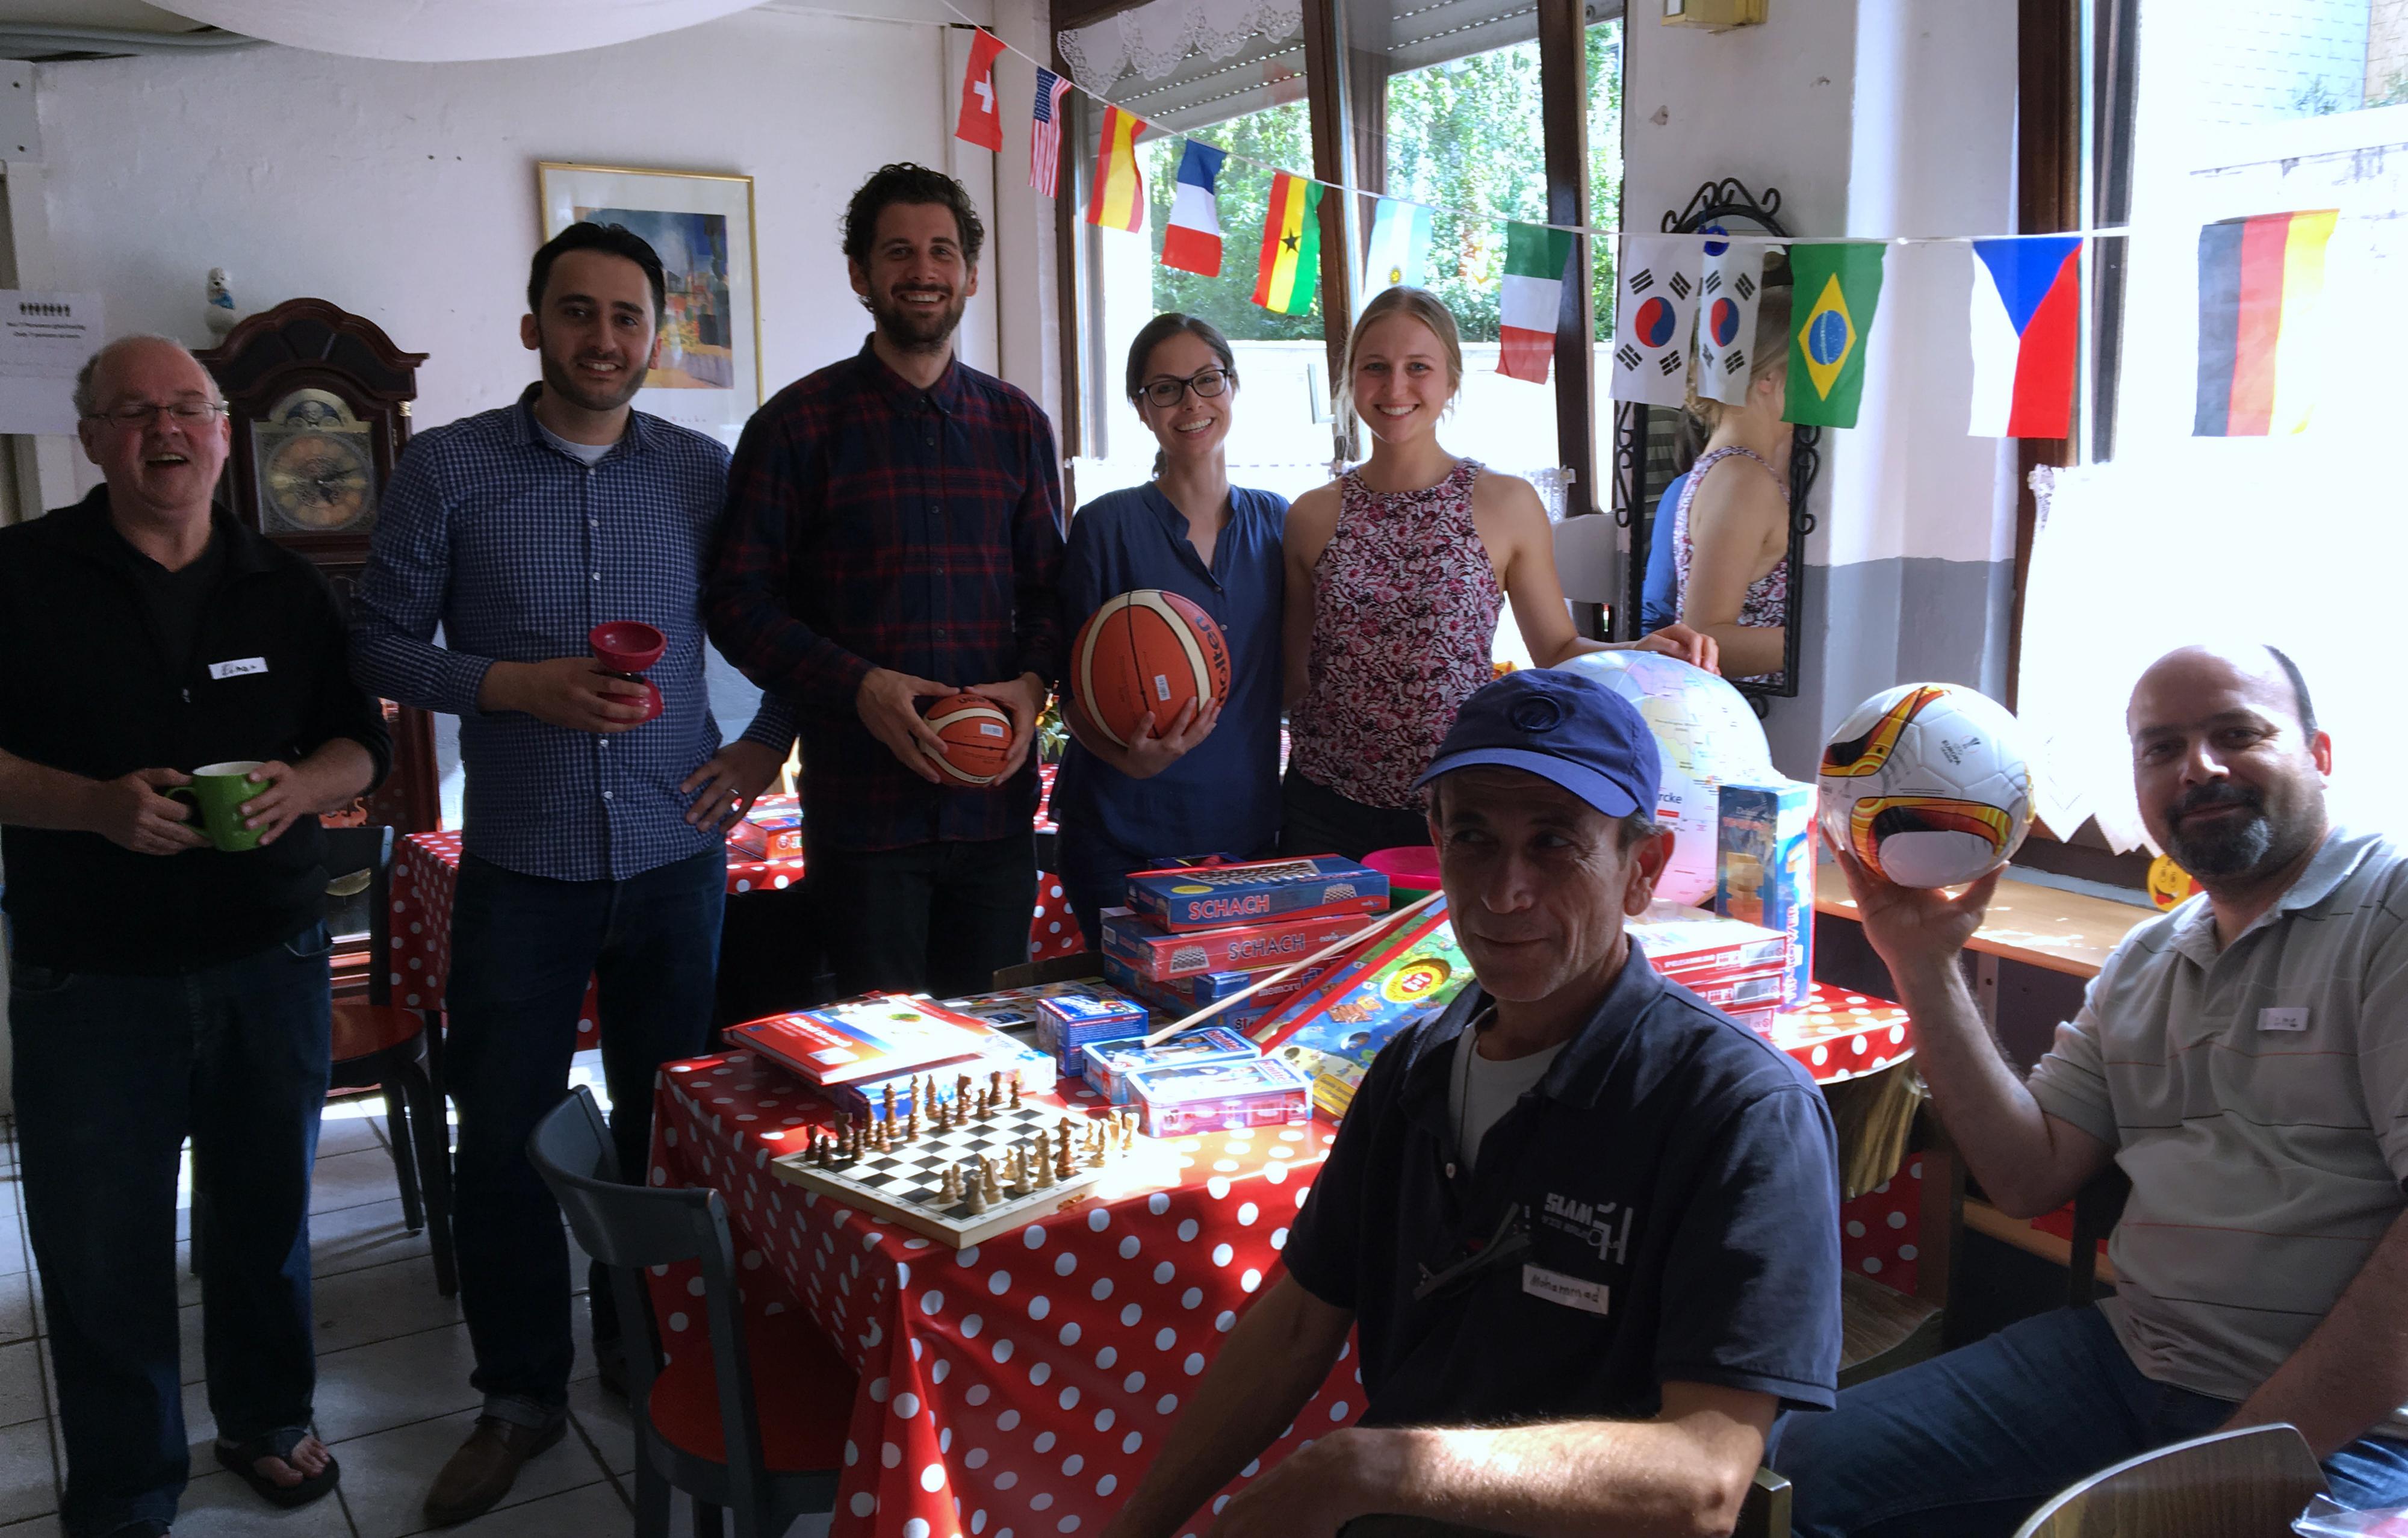 Studierende des Masters Politikmanagement übergeben die Spenden an die ehrenamtlichen Helferinnen und Helfer der Flüchtlingshilfe Duisburg-Neudorf